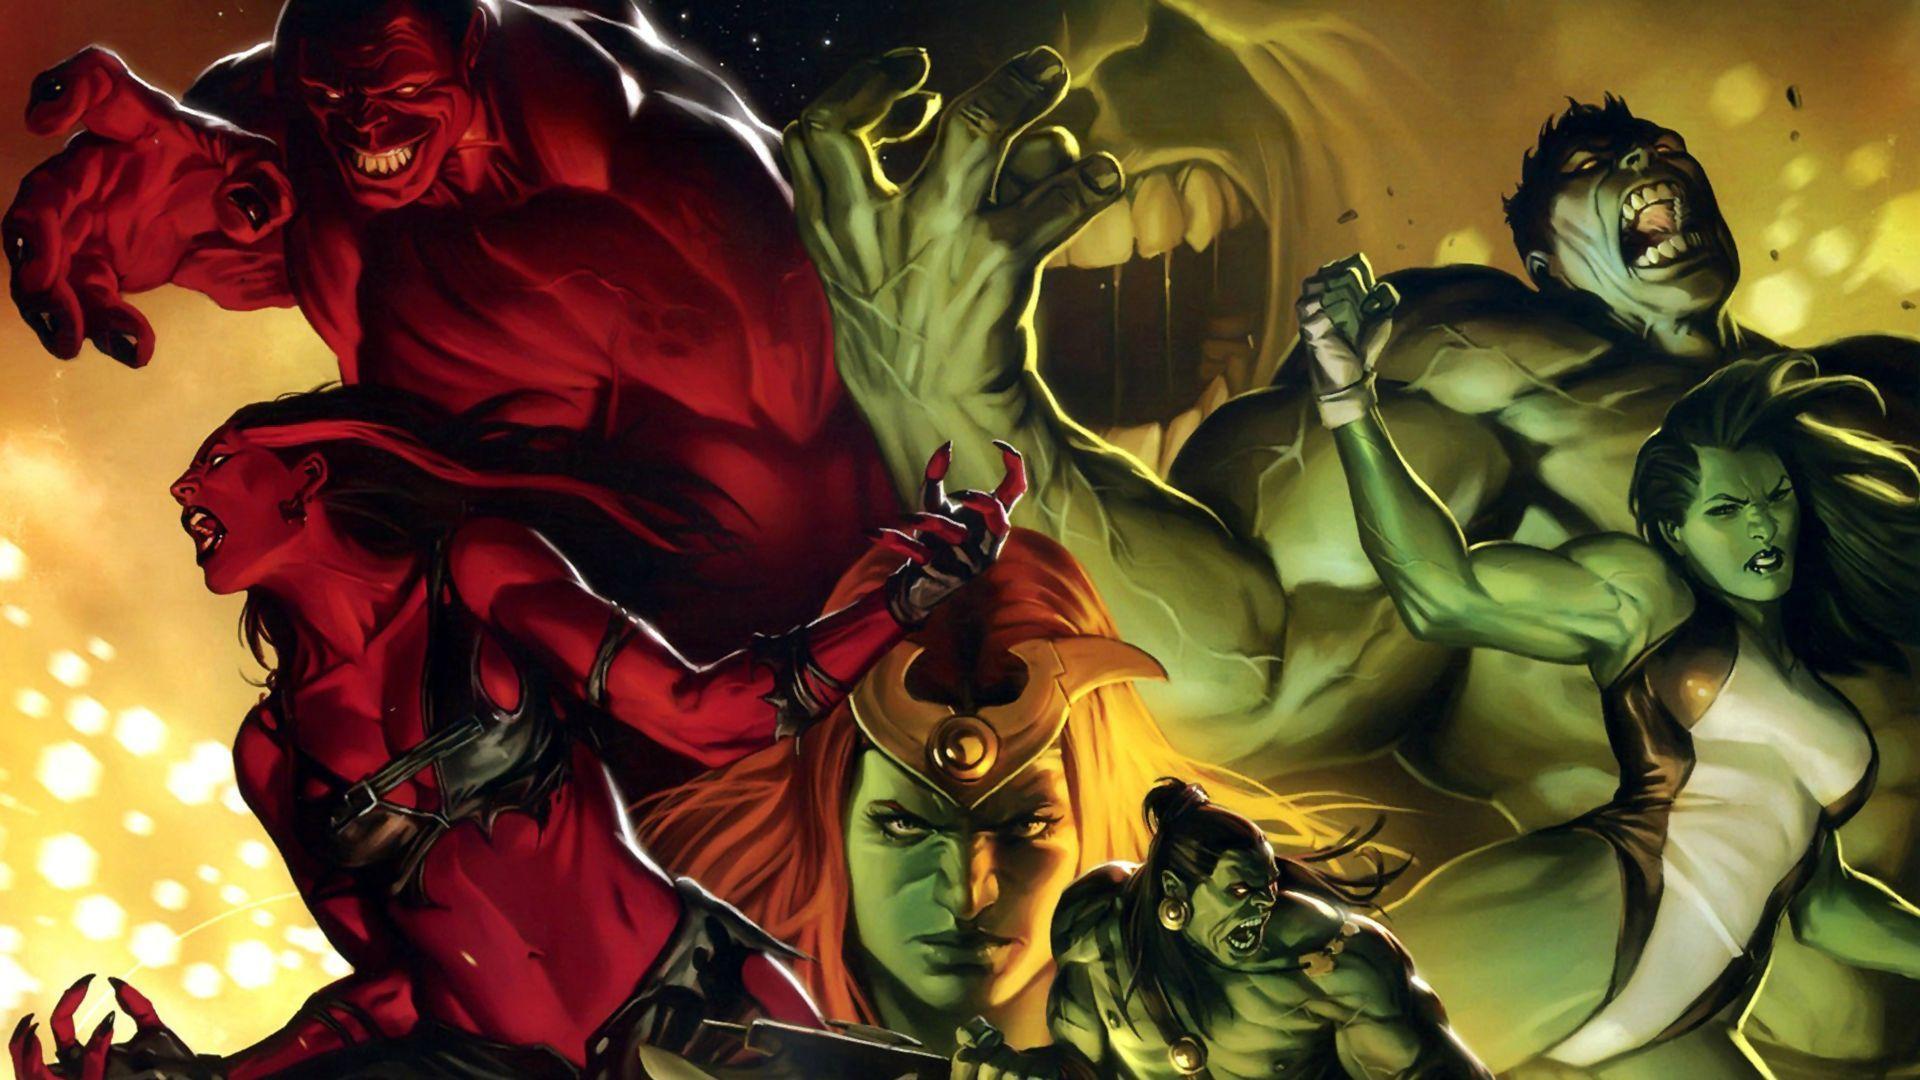 キャプテン・マーベル Hd: Hulk Wallpapers 2015